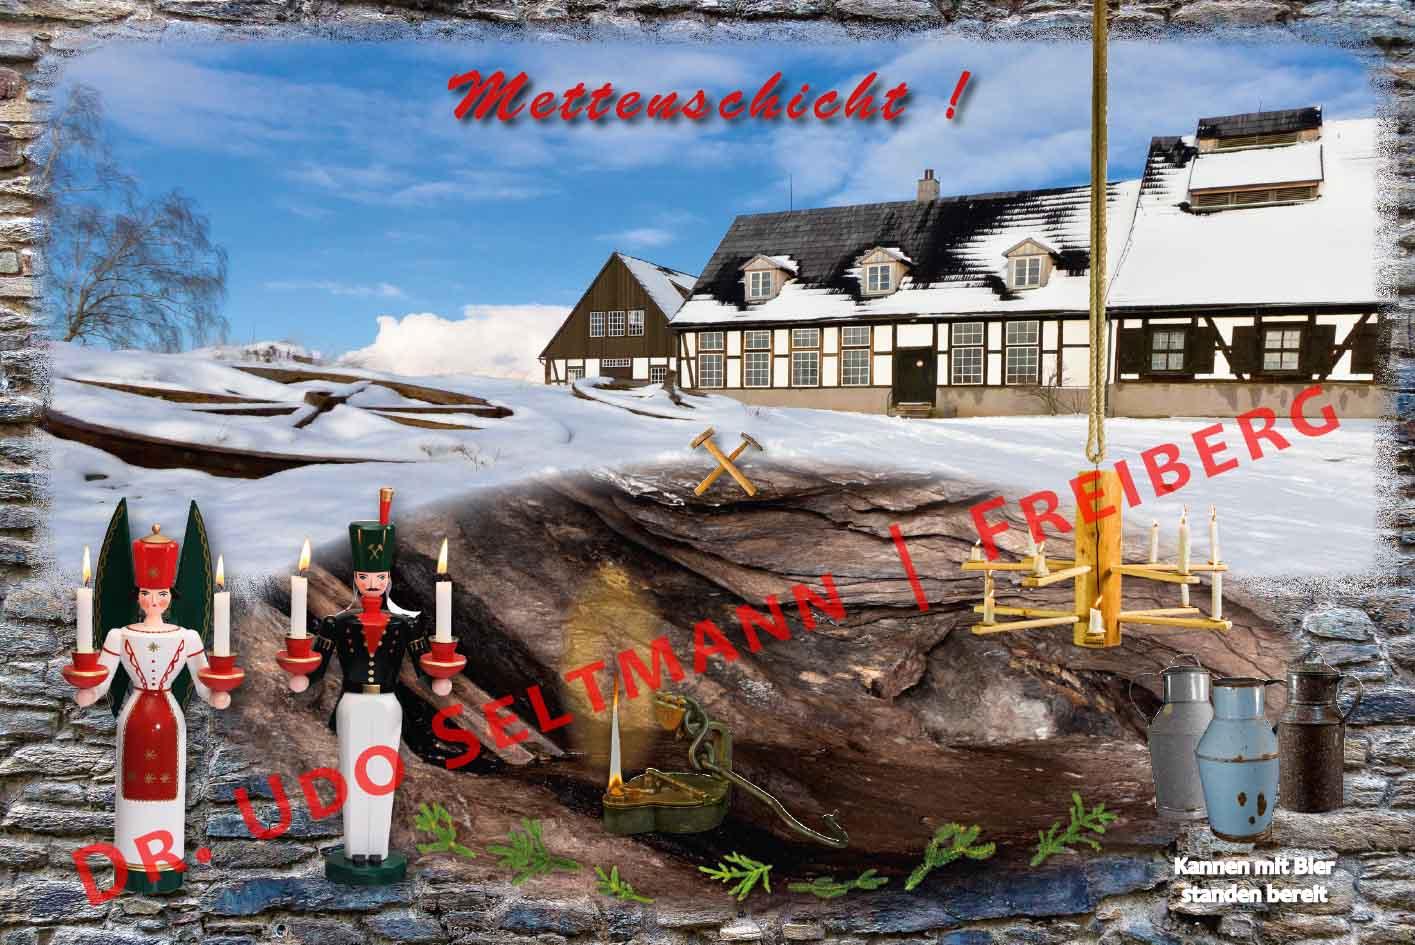 GK-Mettenschicht-Mauer_Thub-USel